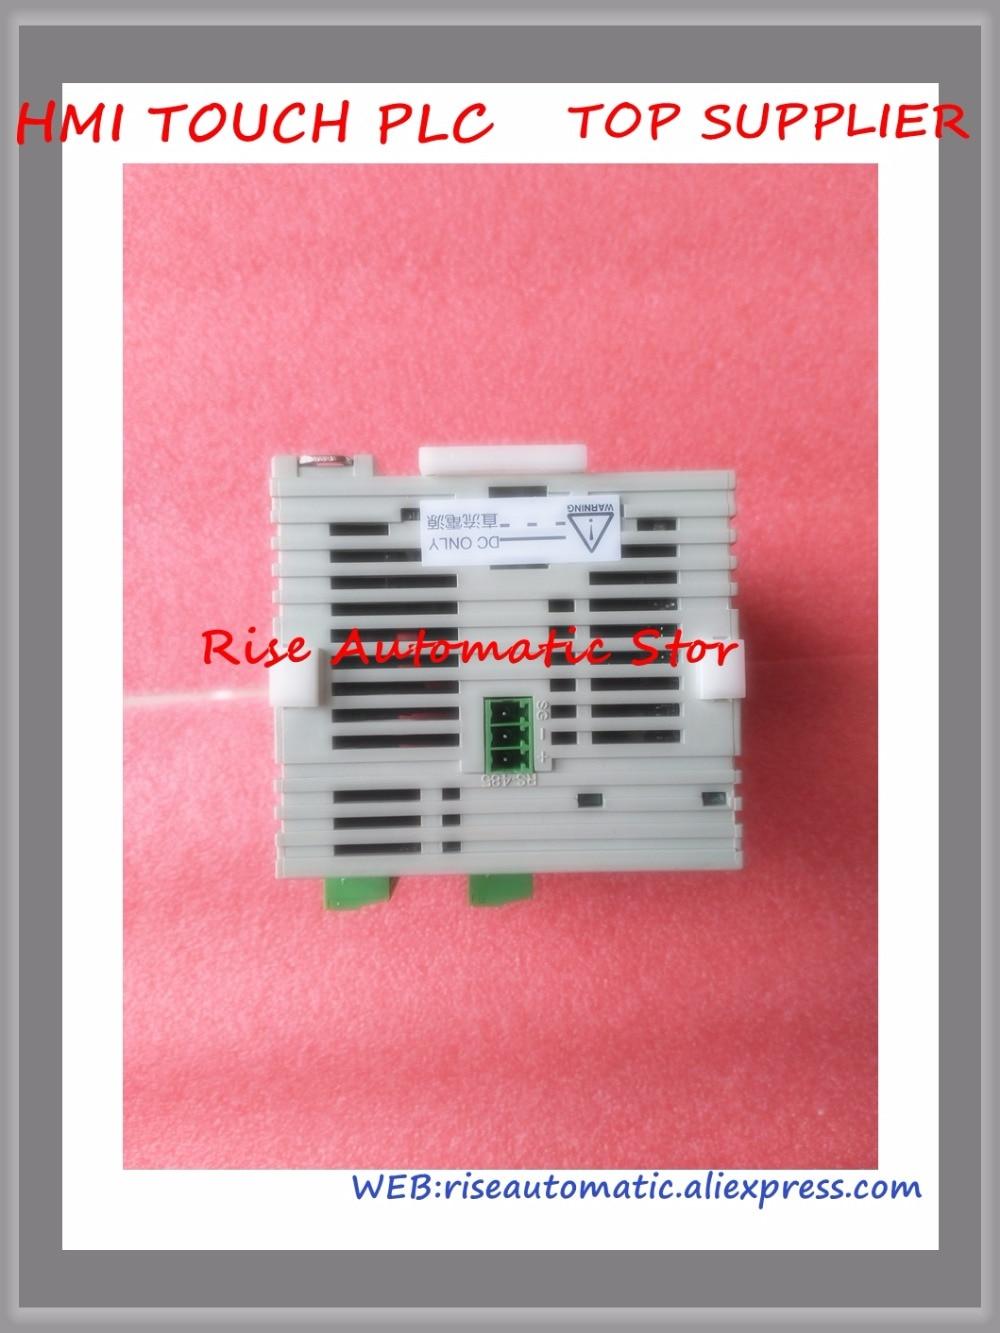 DVP20SX211T New Original PLC SX2 série 24VDC 8DI 6DO (Transistor NPN) 4AI/2AO